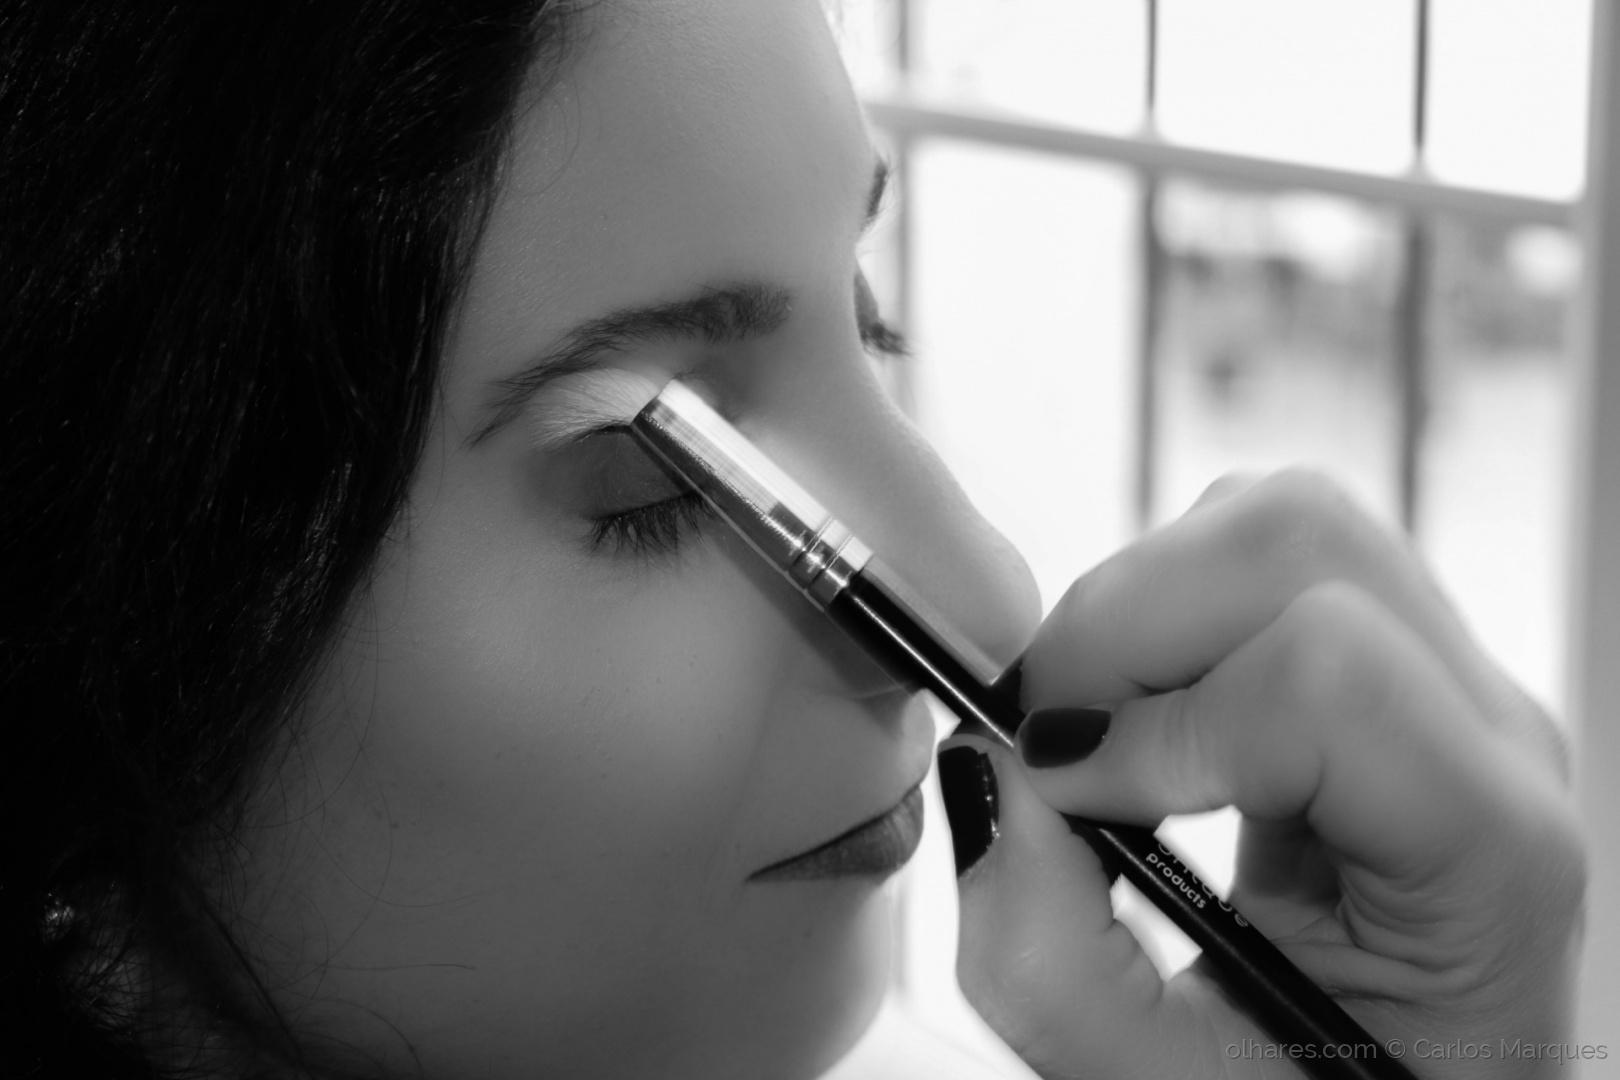 Retratos/Makeup session